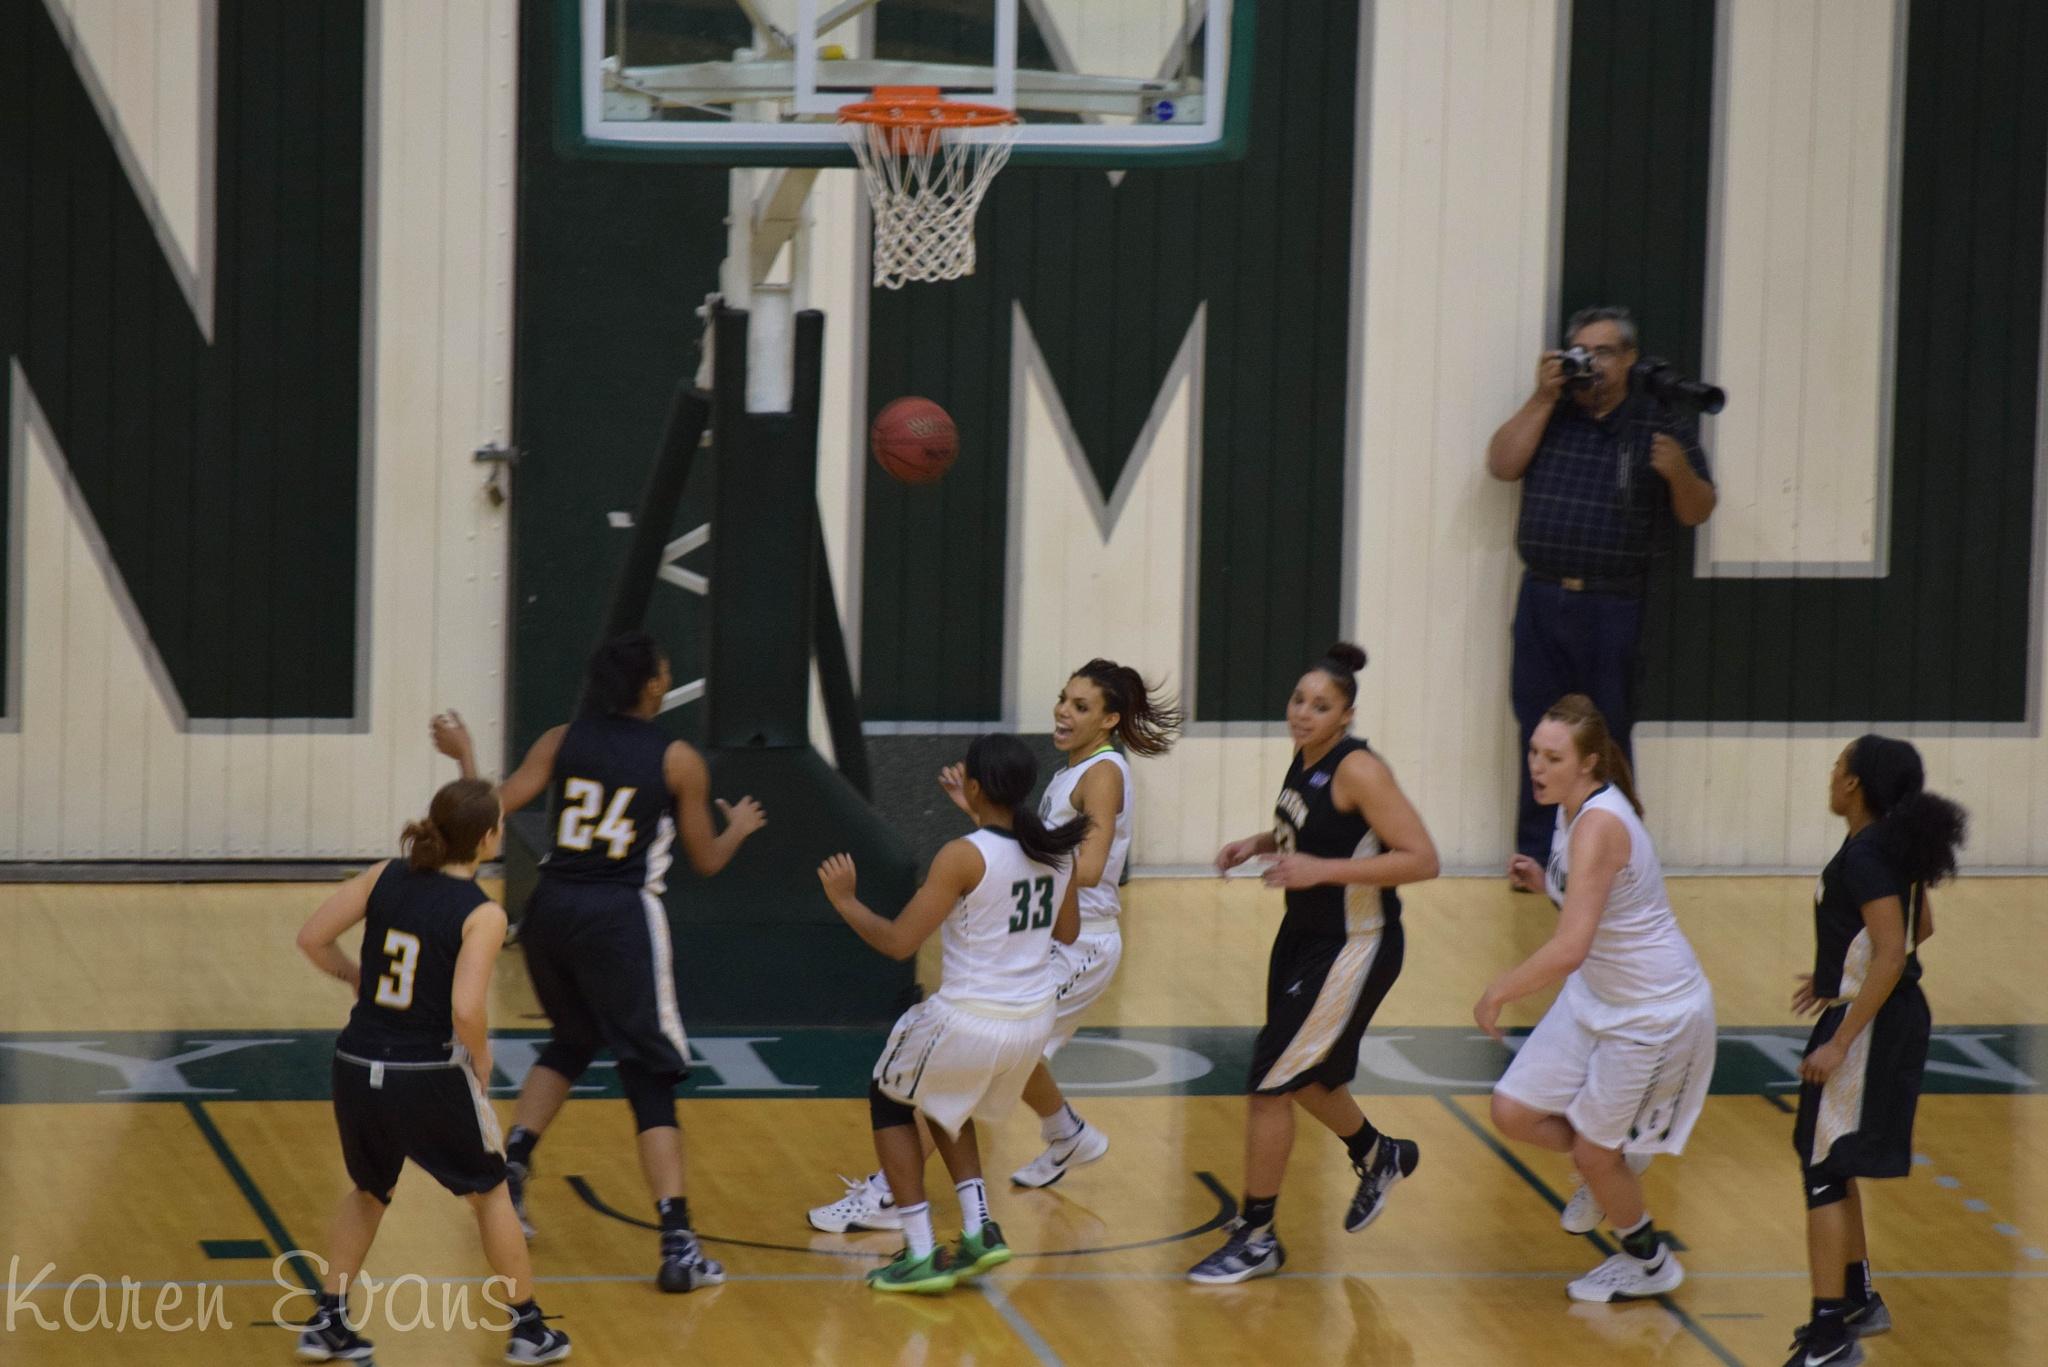 Basketball game ENMU by Karen Evans